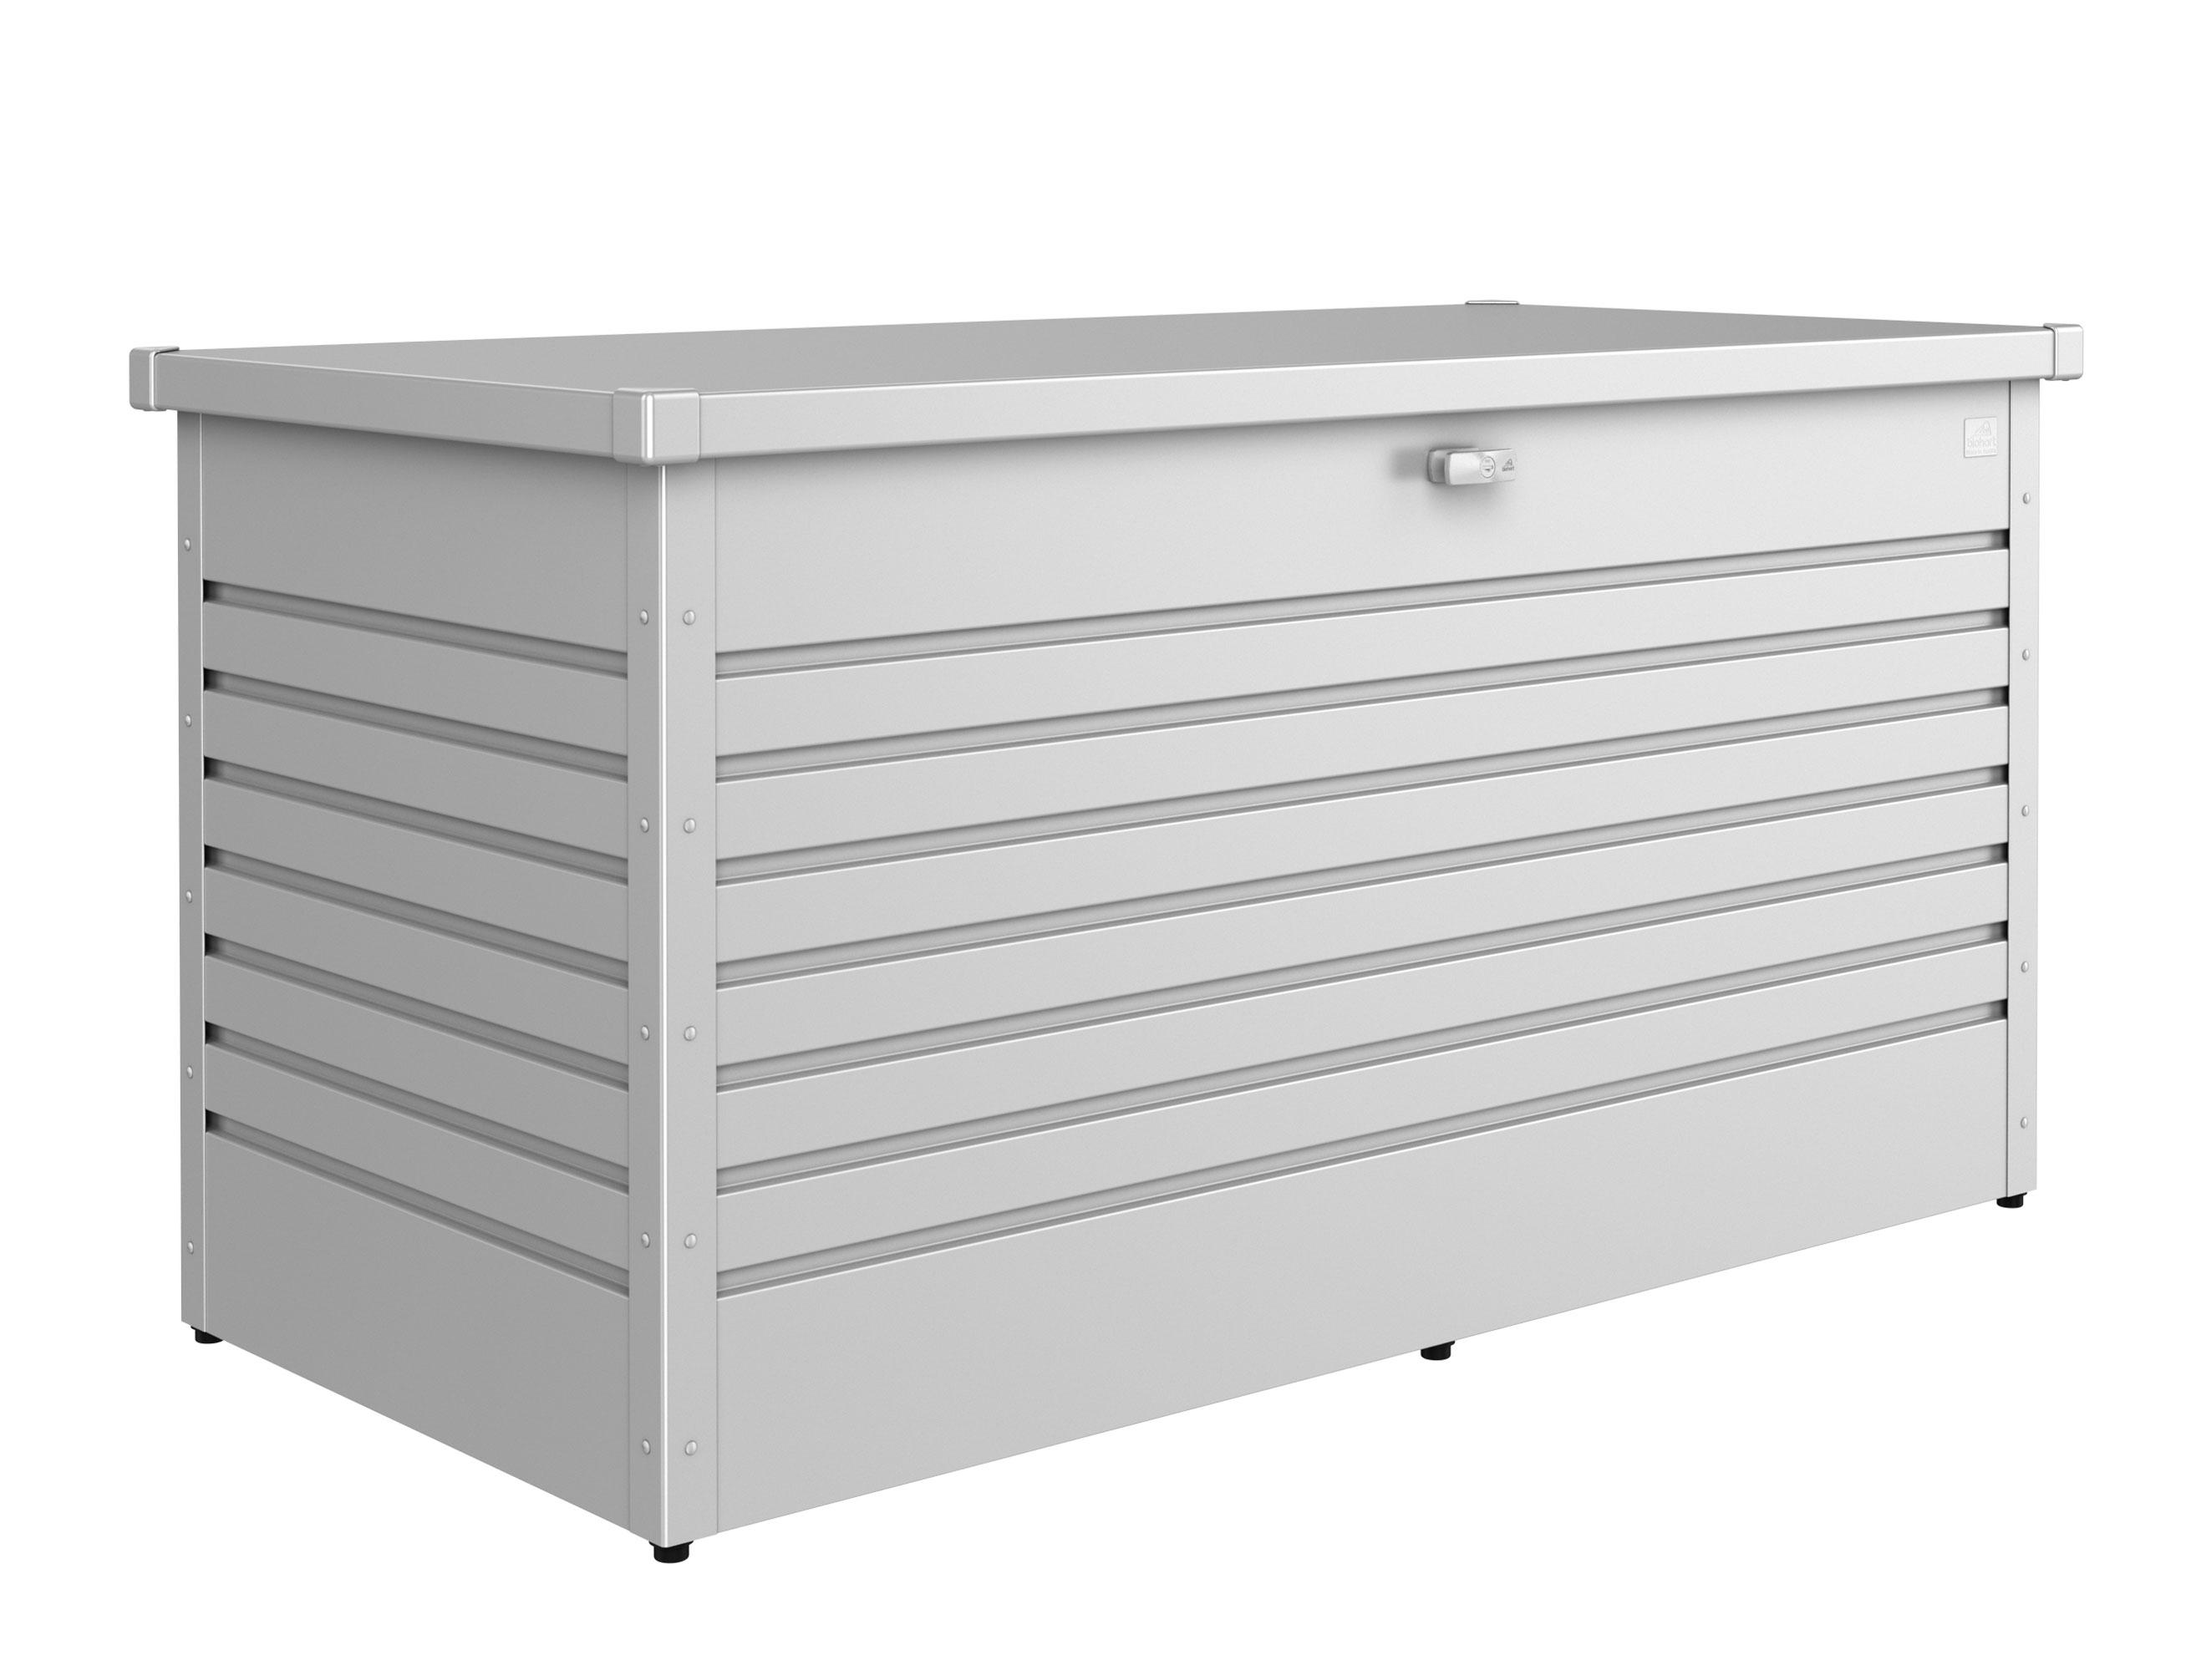 Gartenbox Auflagenbox Biohort Freizeitbox 100 silber-metallic Bild 1